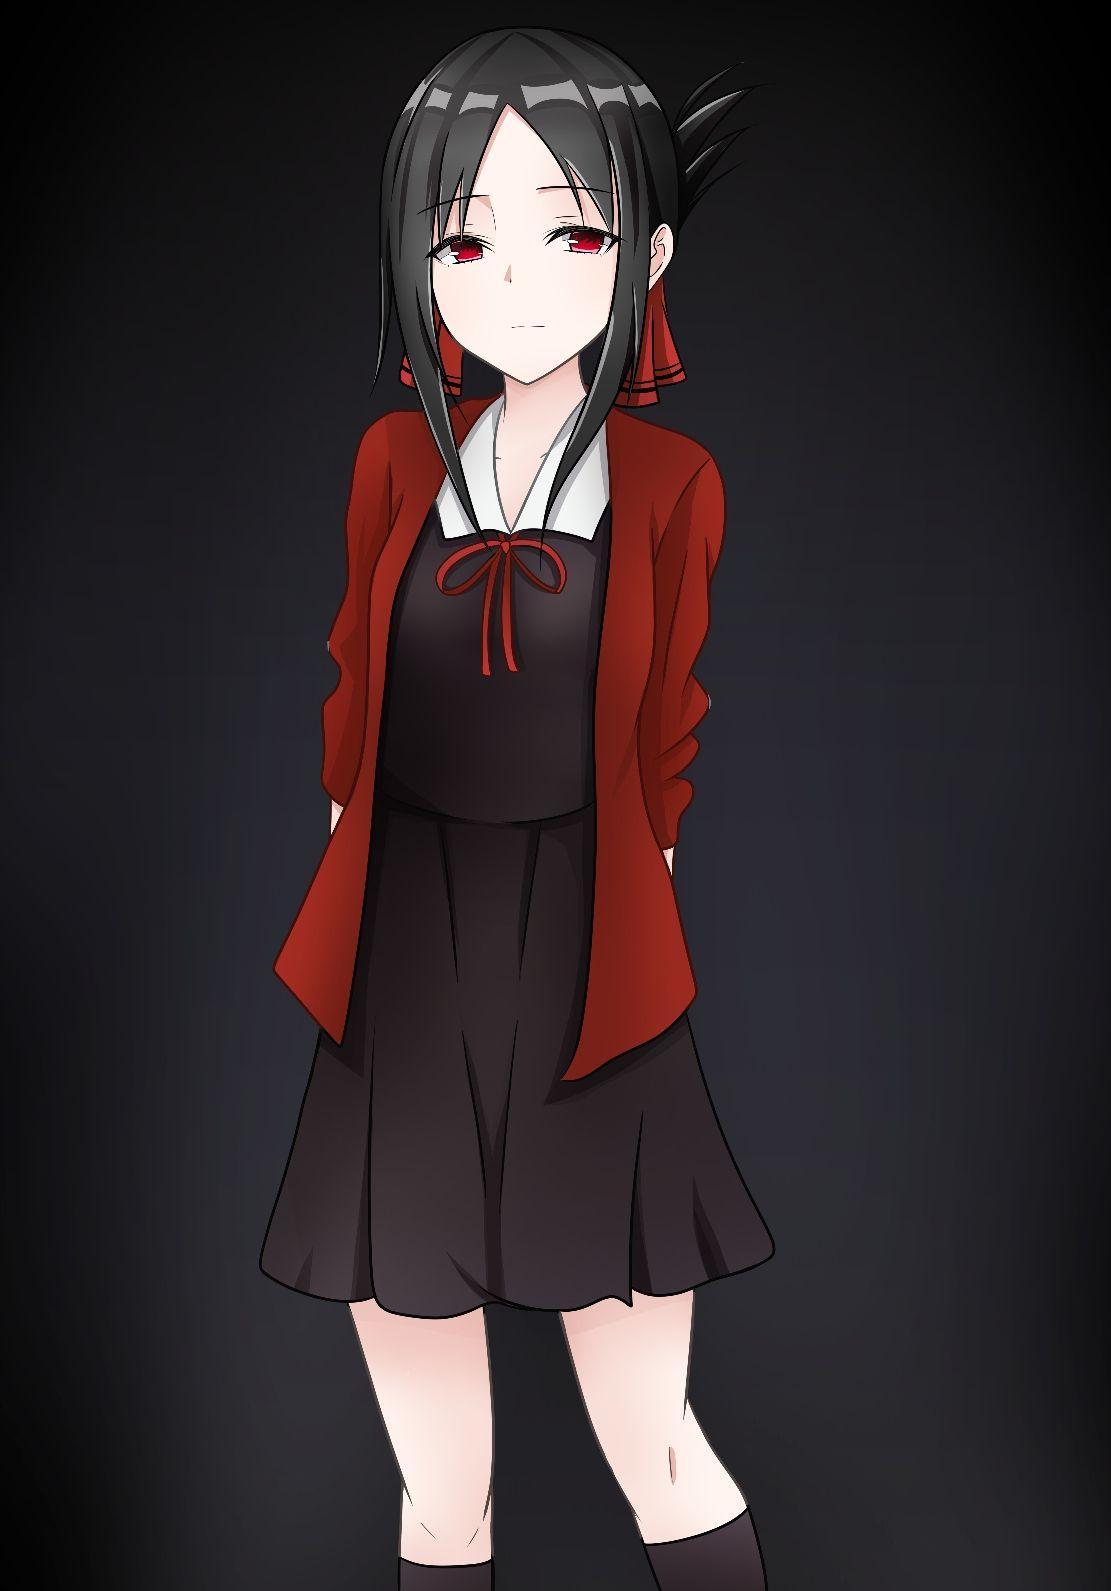 Kaguya Sama Love Is War Kaguya Shinomiya Menina Anime